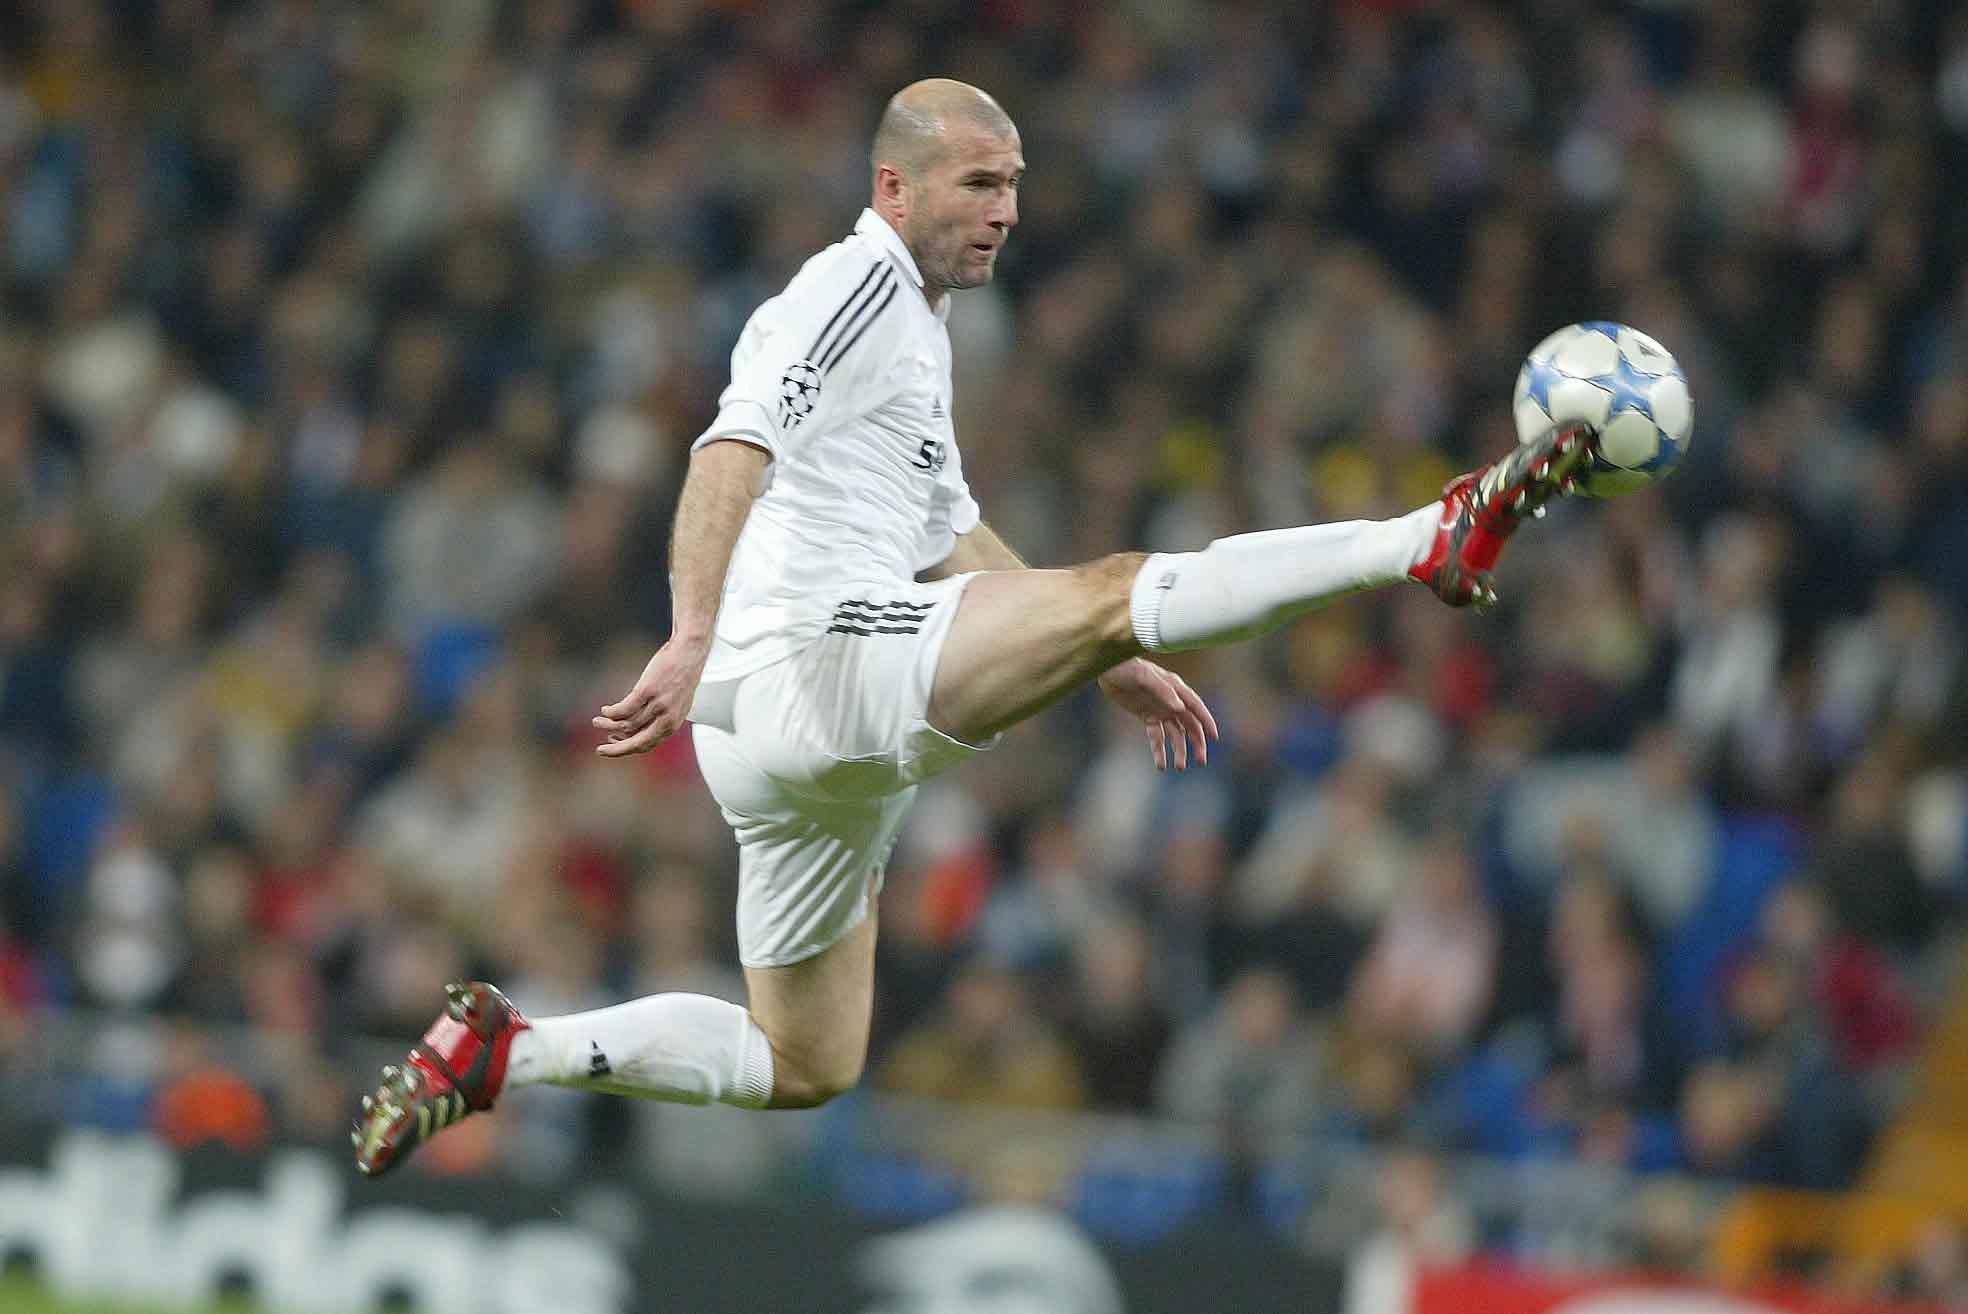 Es el único francés en anotar un gol en la Final de la Champions League y en la Final de la Copa del Mundo.